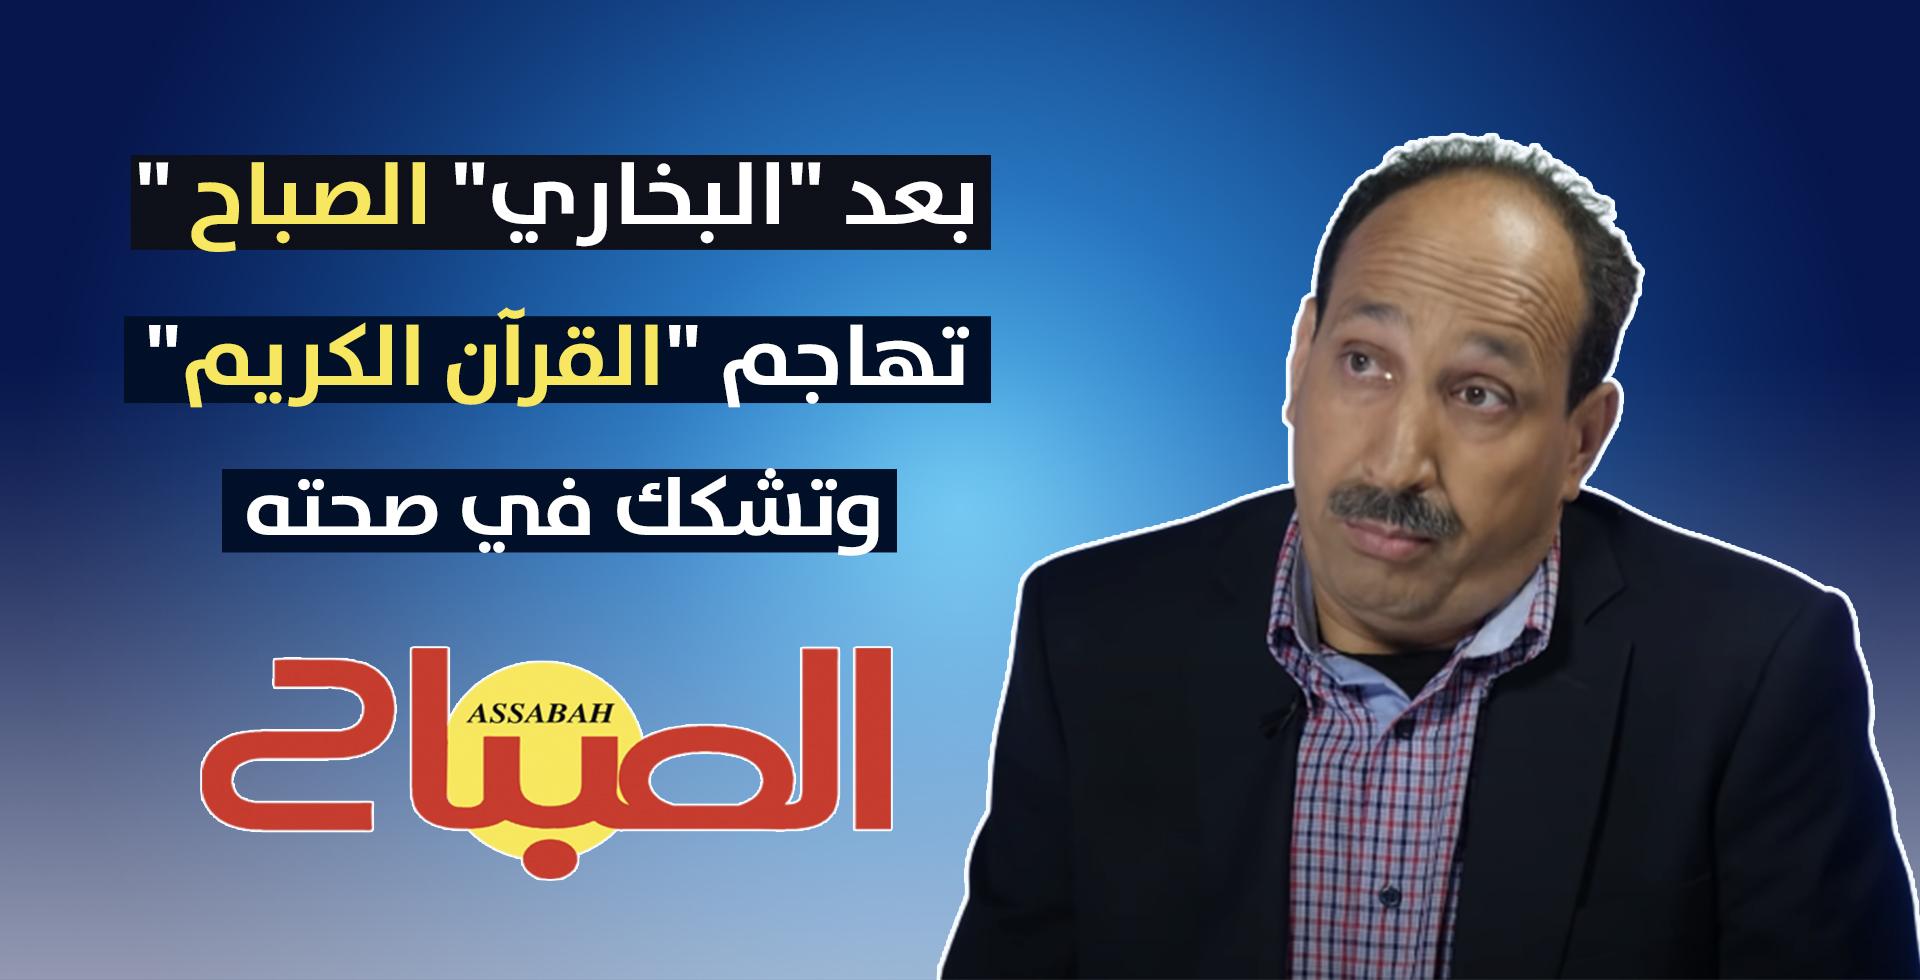 """بعد """"البخاري"""" """"الصباح"""" تهاجم القرآن الكريم من جديد وتشكك في صحته!"""